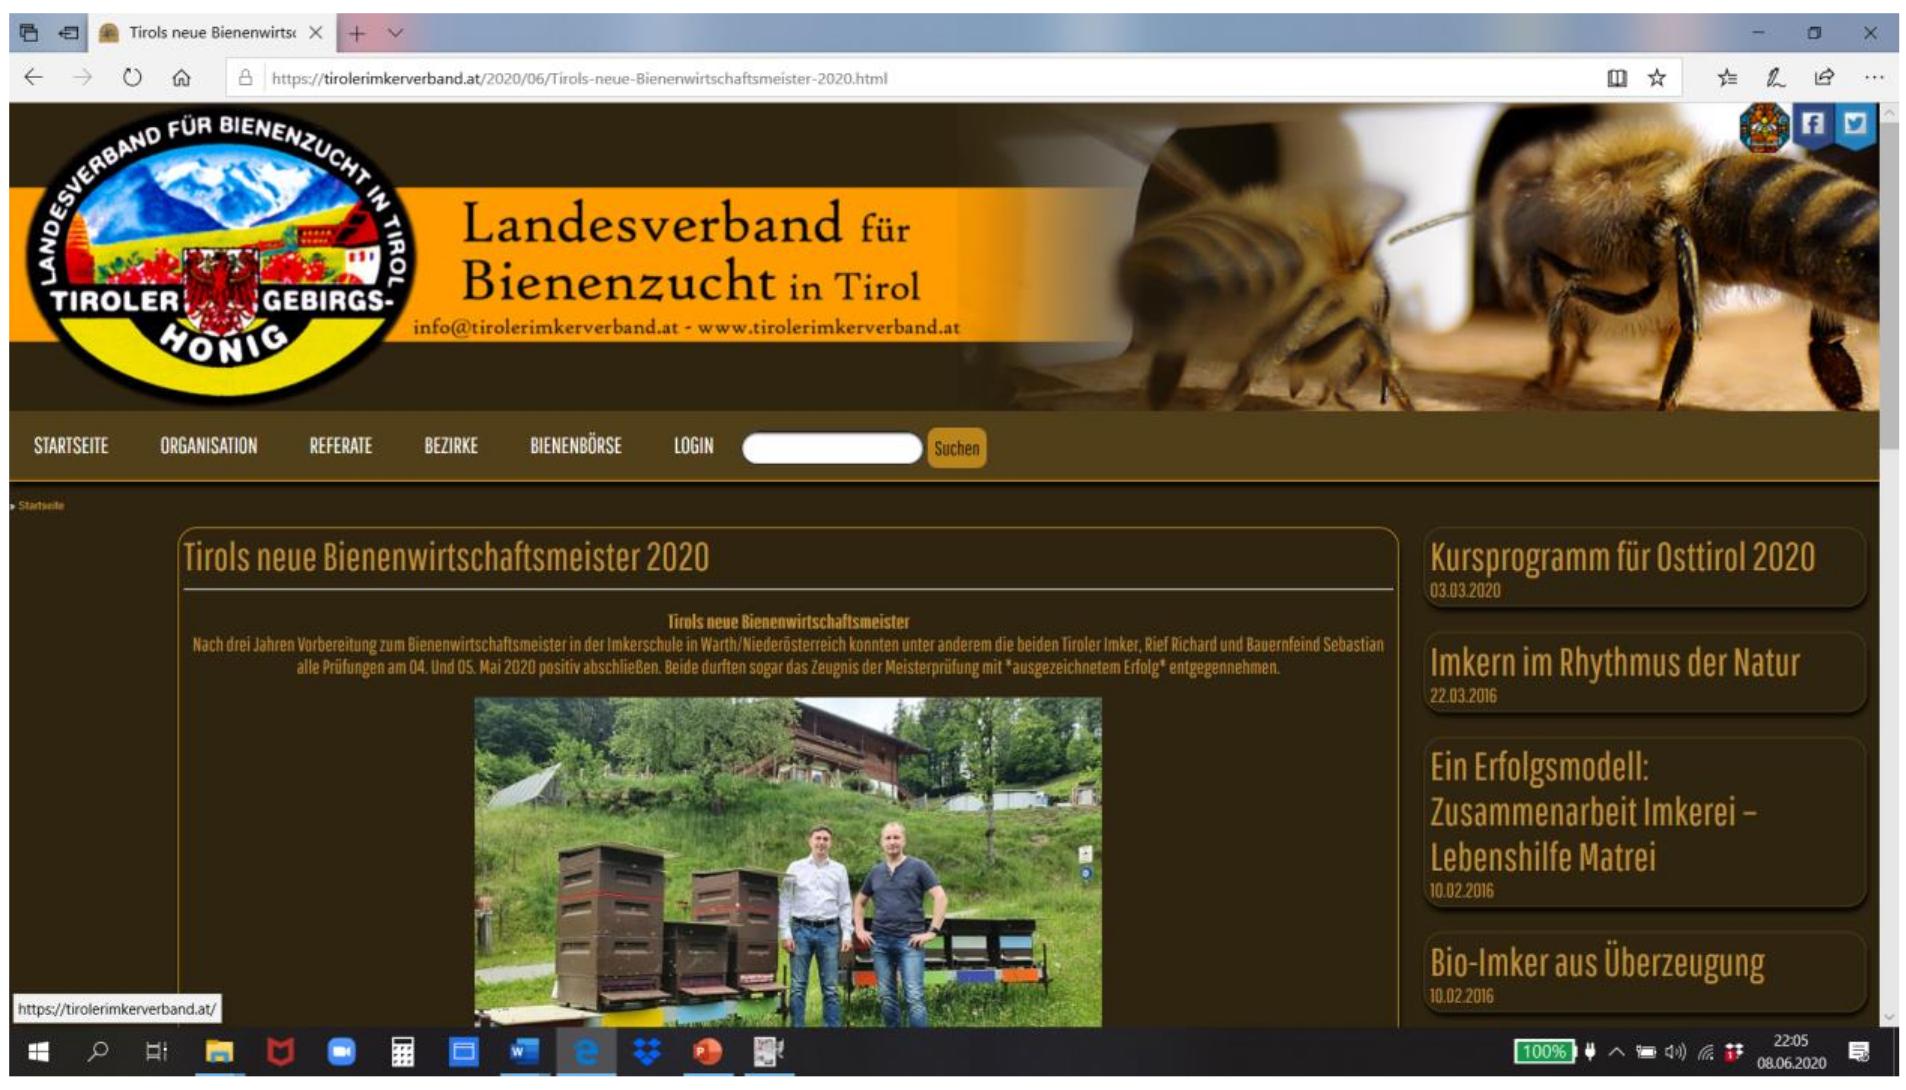 Tiroler Landesverband Juni 2020